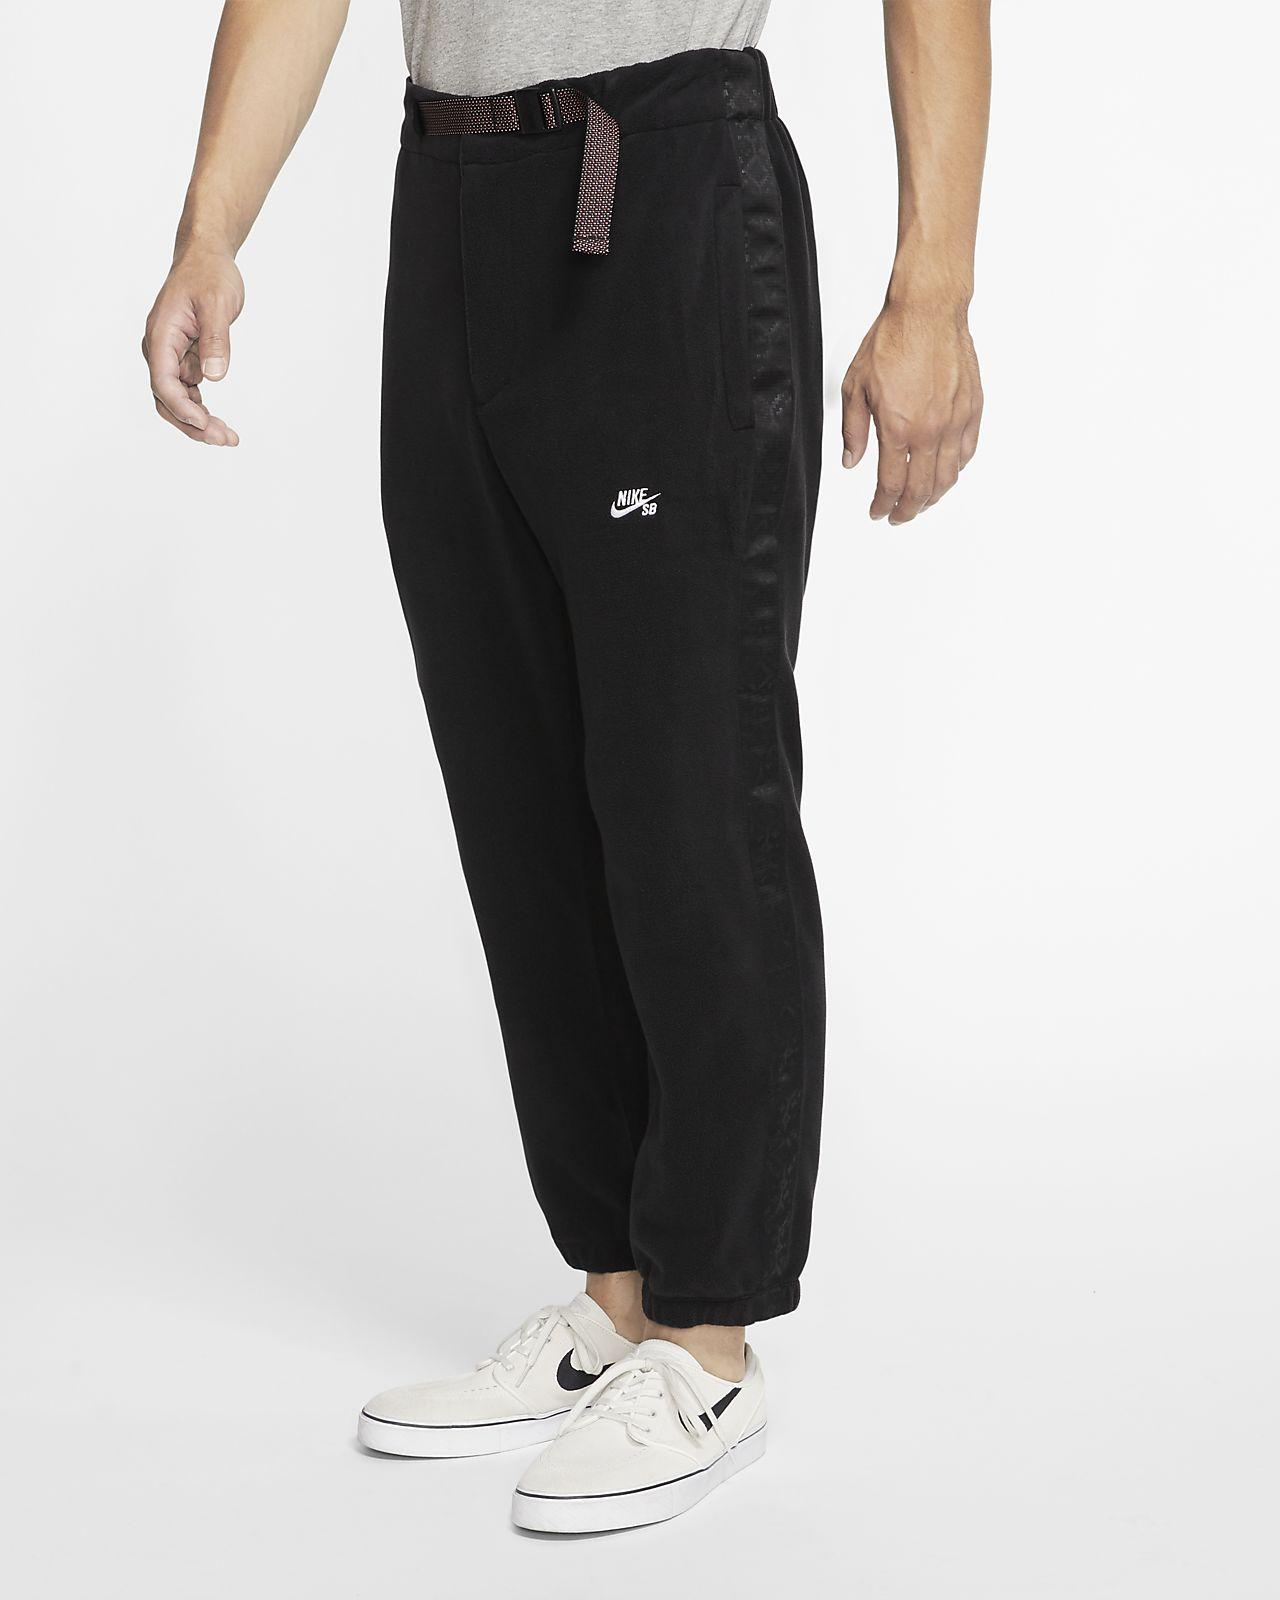 Nike SB Fleece Erkek Kaykay Pantolonu